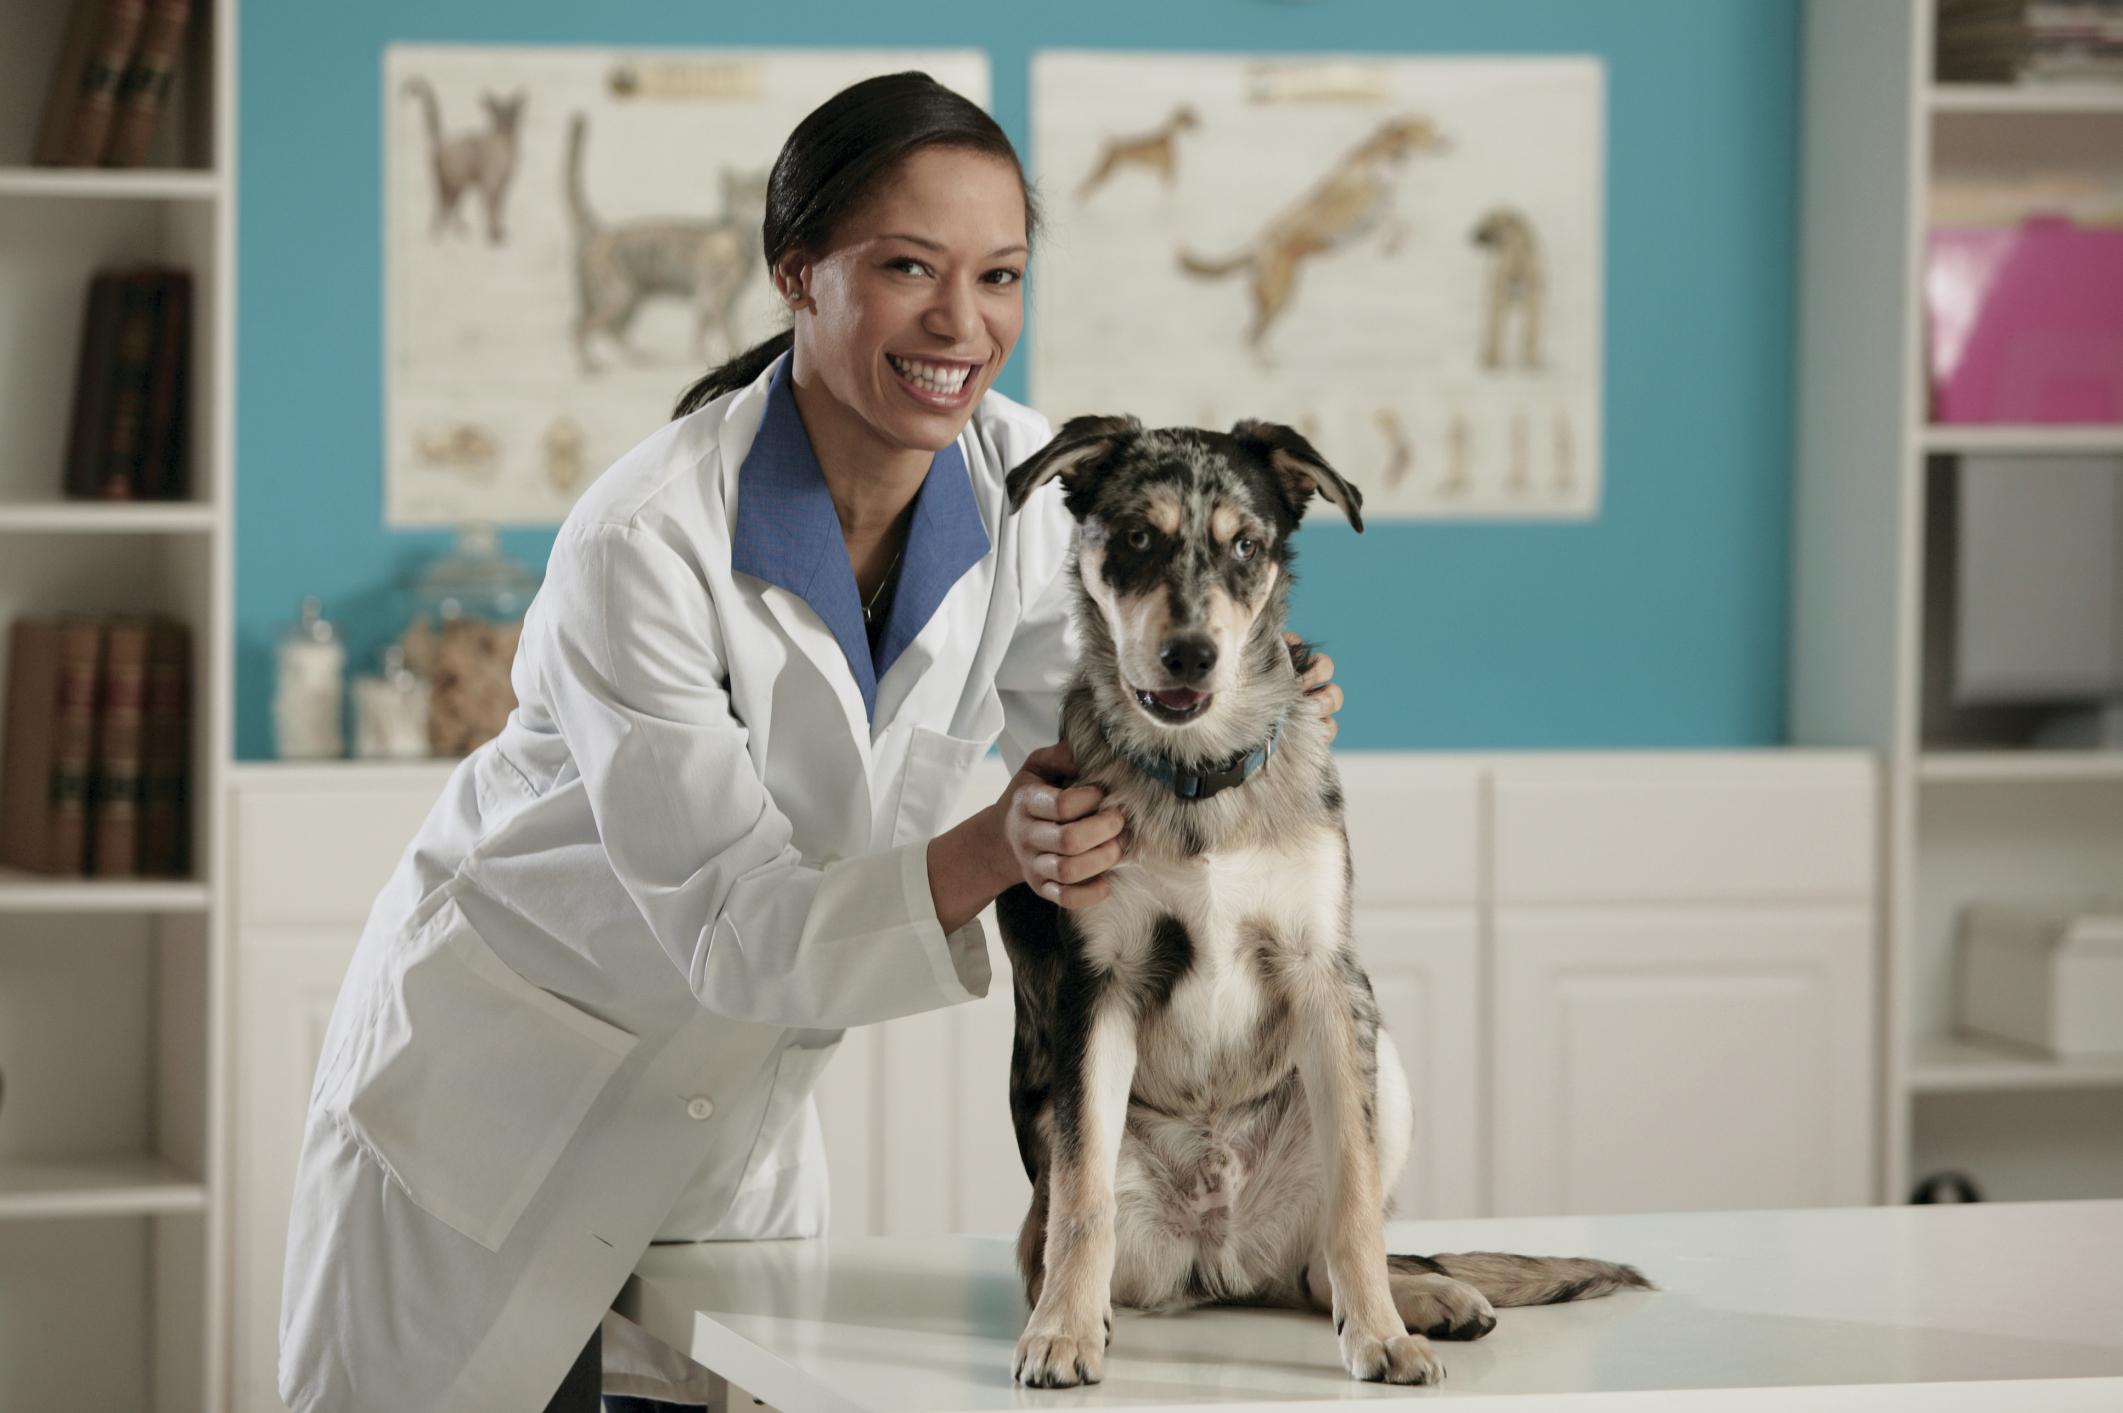 the salary of pharmacists vs  veterinarians